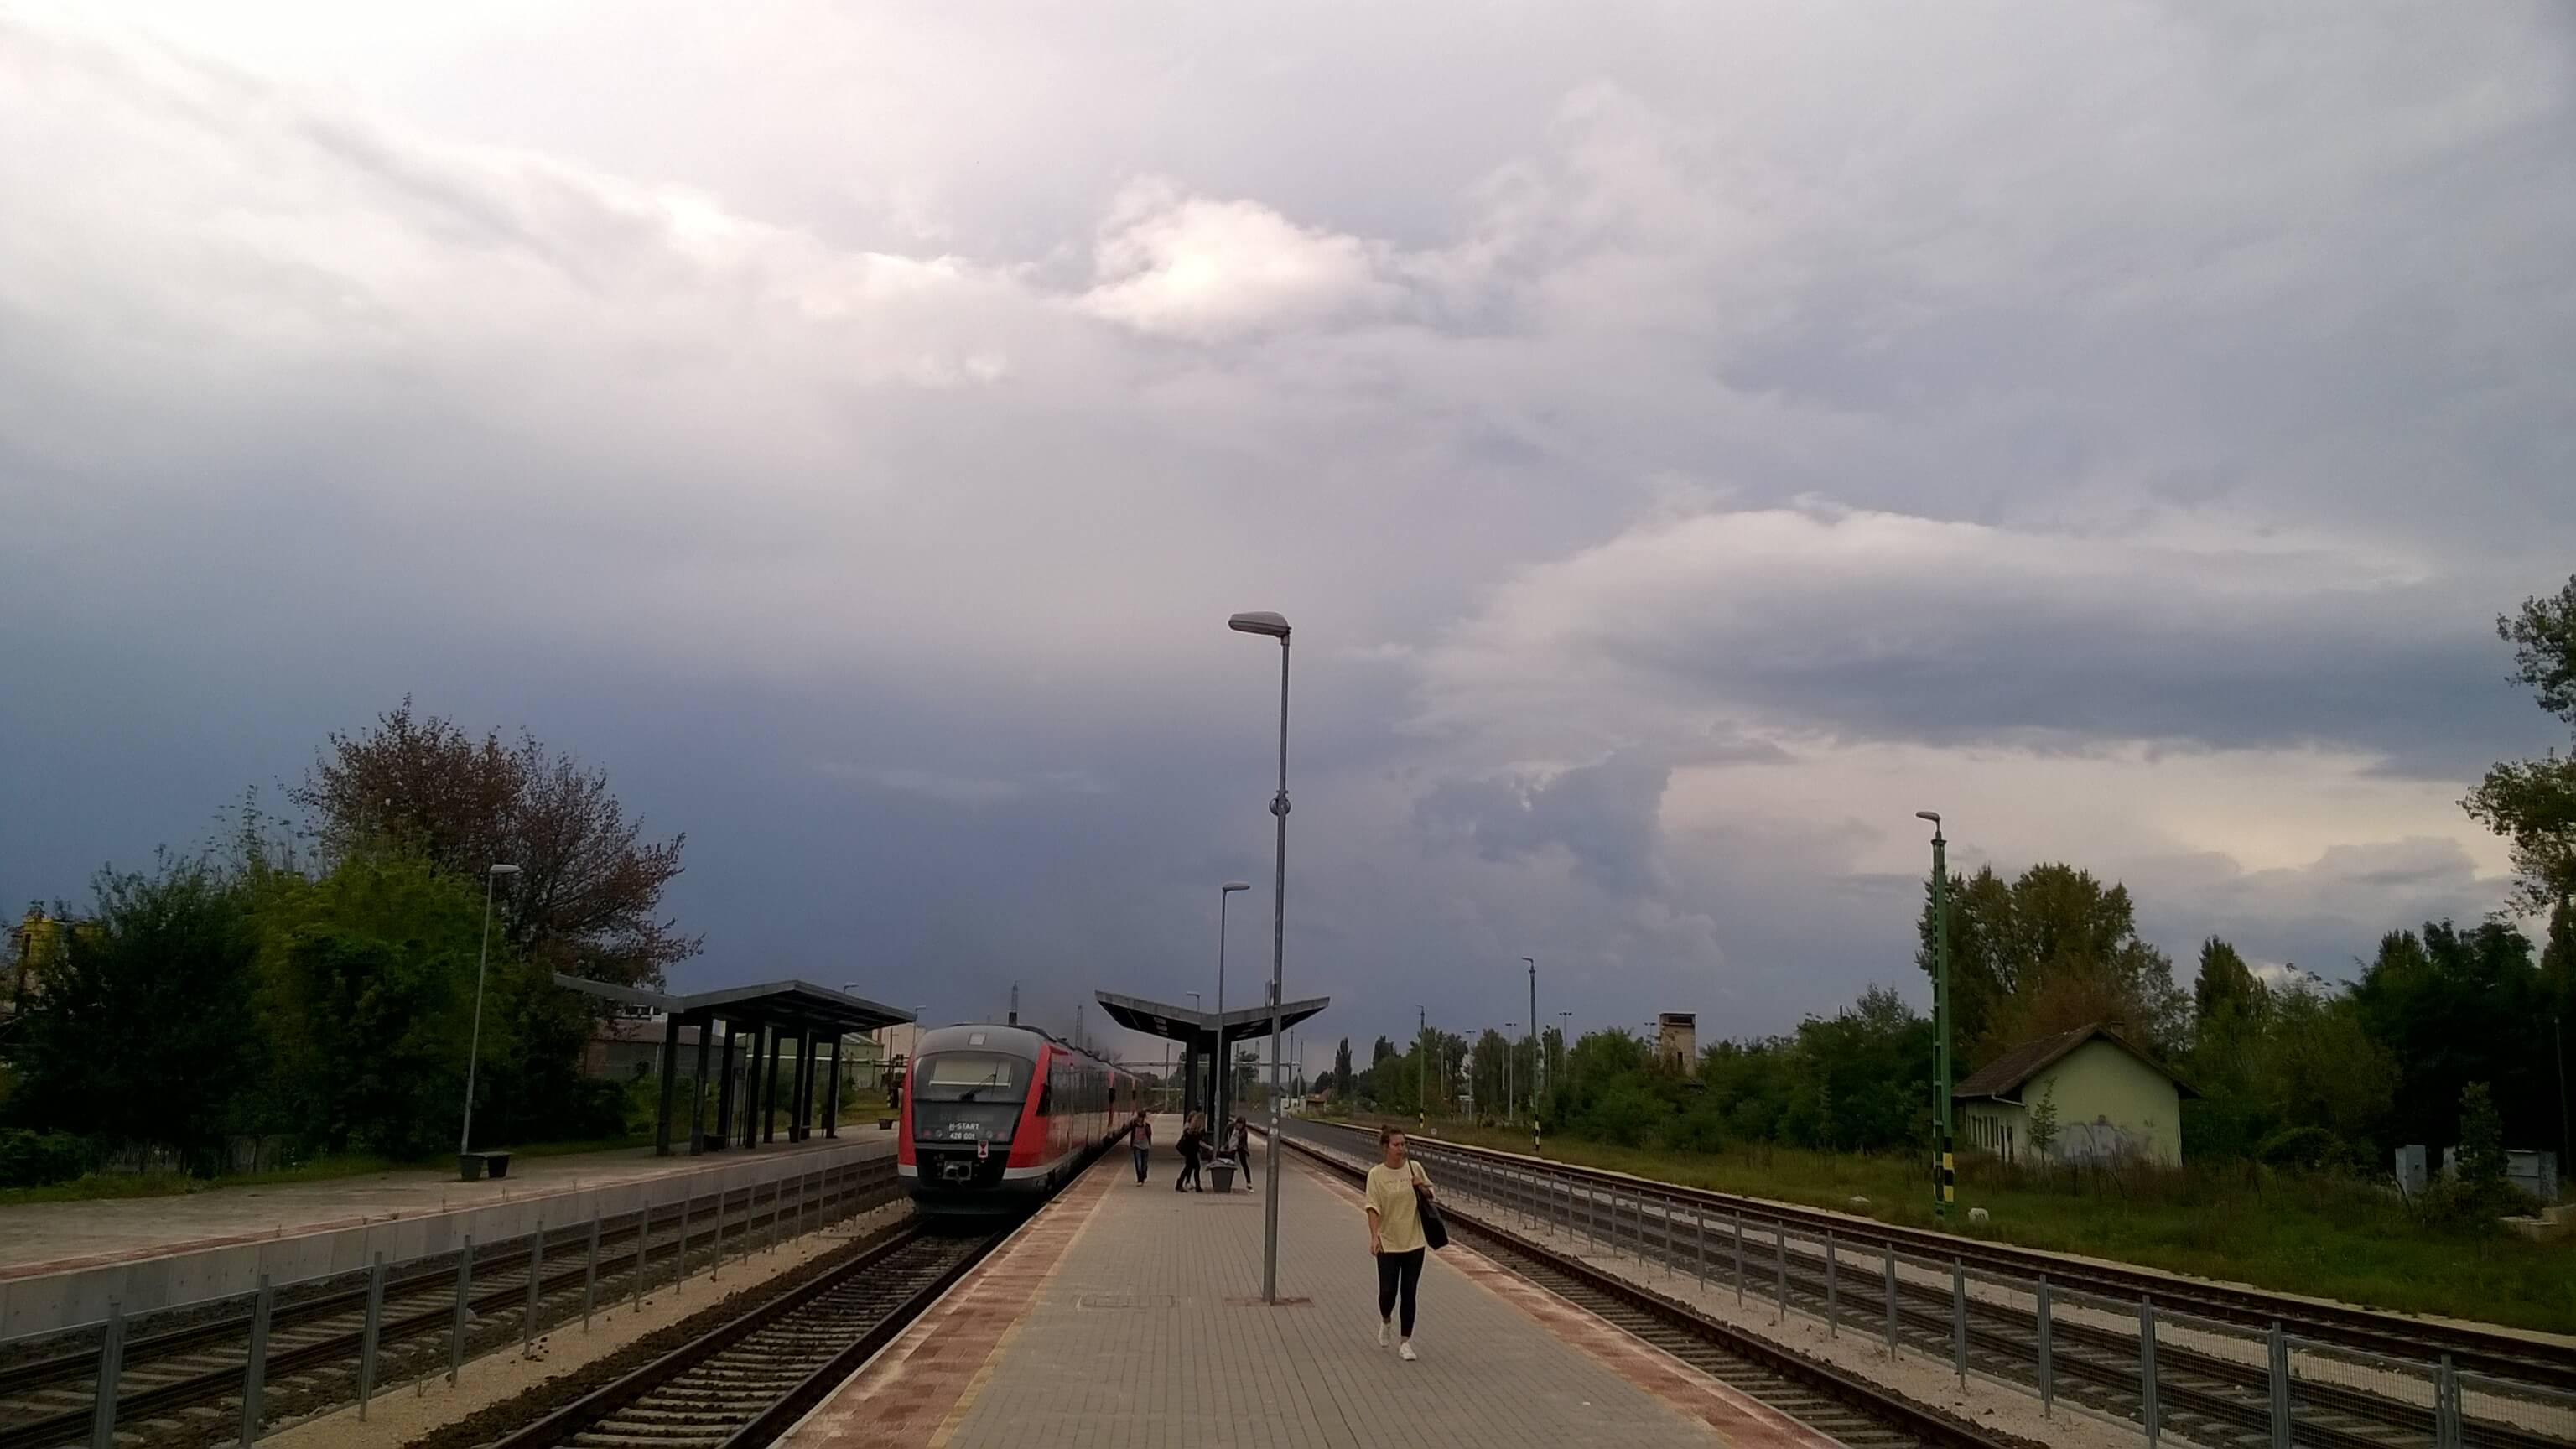 Felhős idő Dorogon, a vasútállomásnál